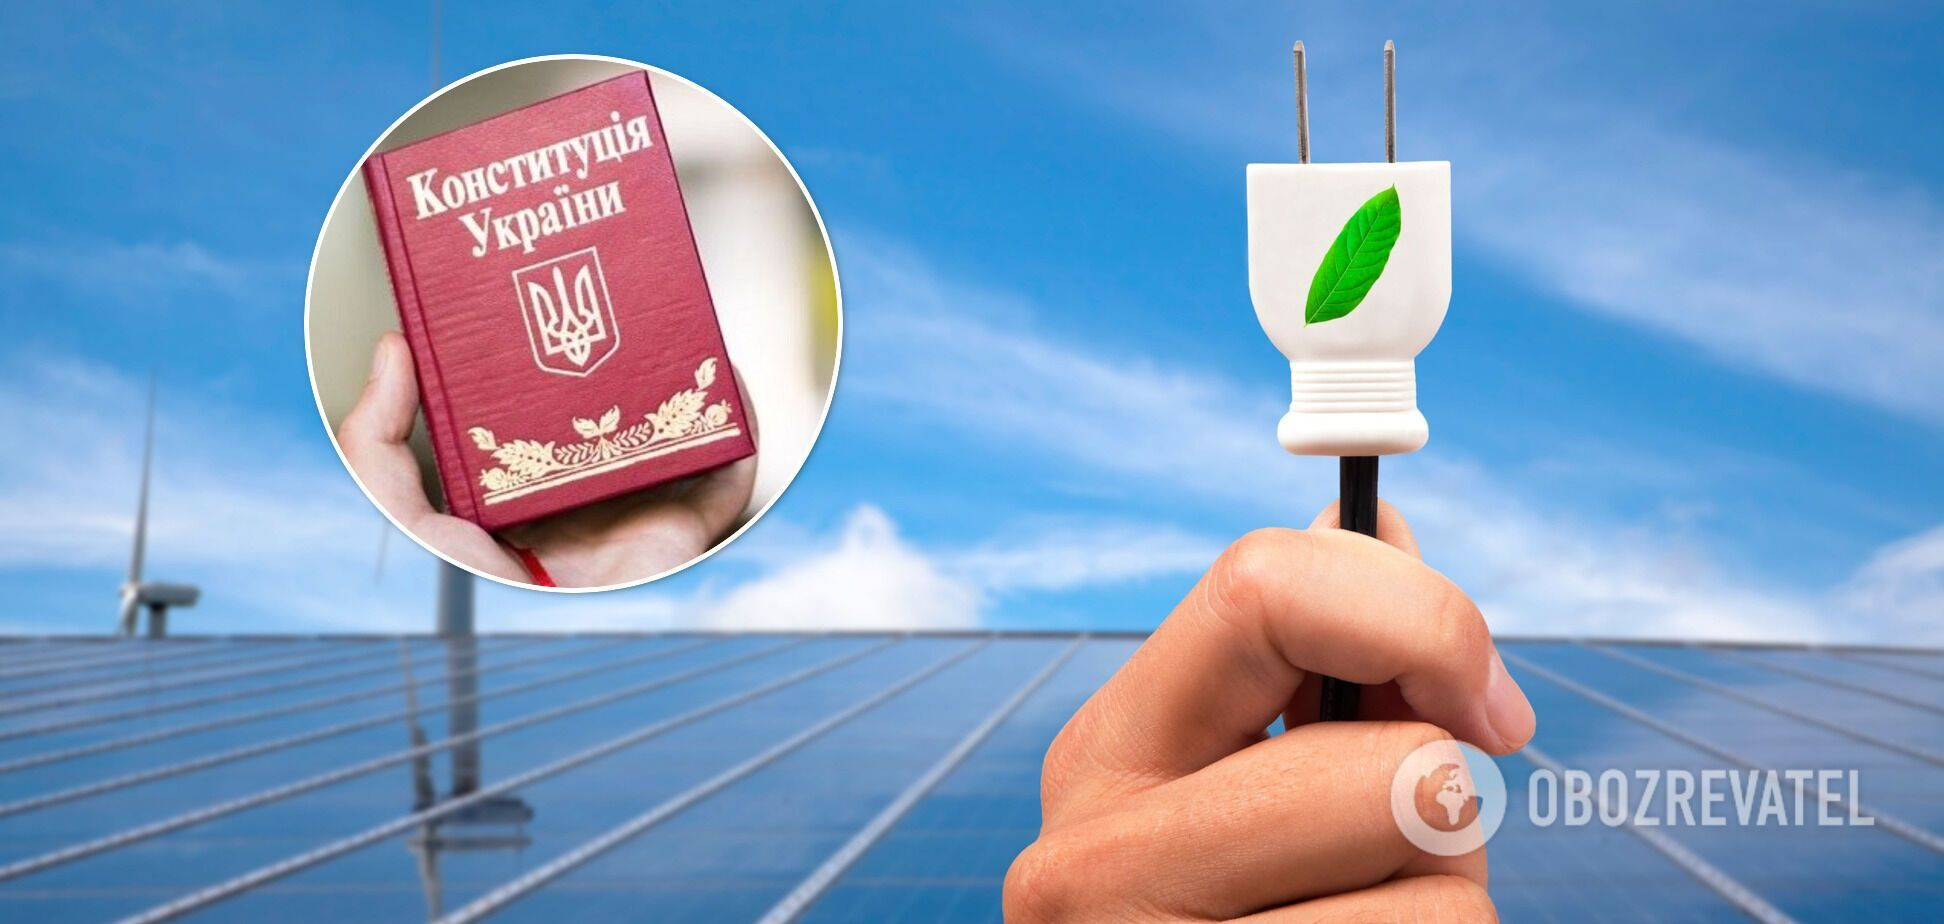 Введение нового акциза на 'зеленую' энергию противоречит Конституции, – юрист